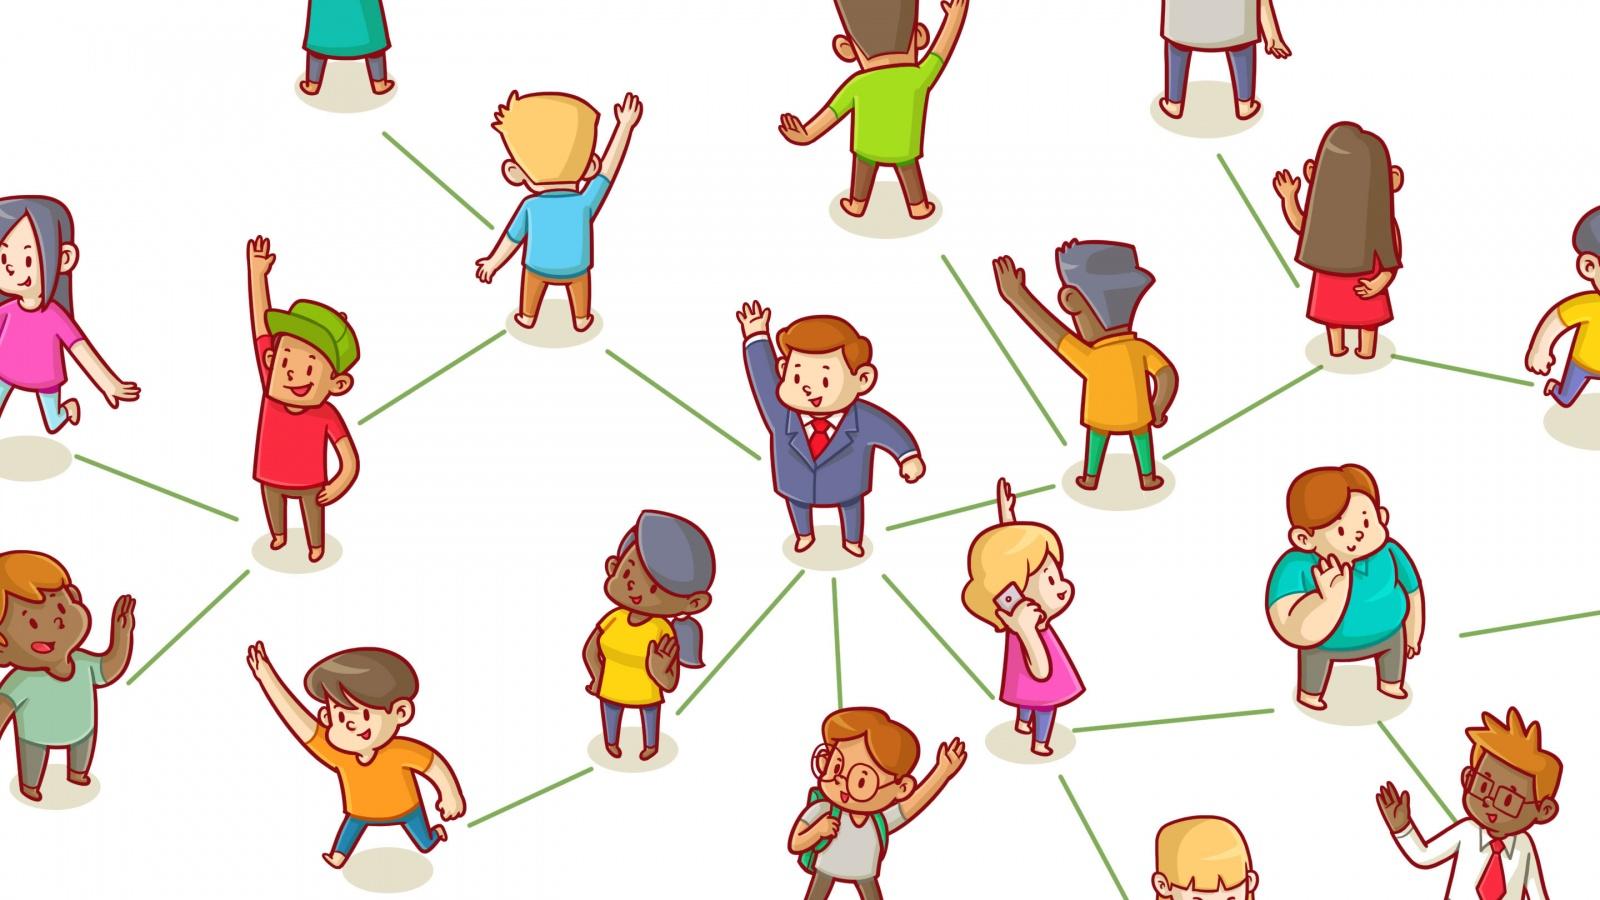 Как сетевая математика может помочь вам находить друзей - 1